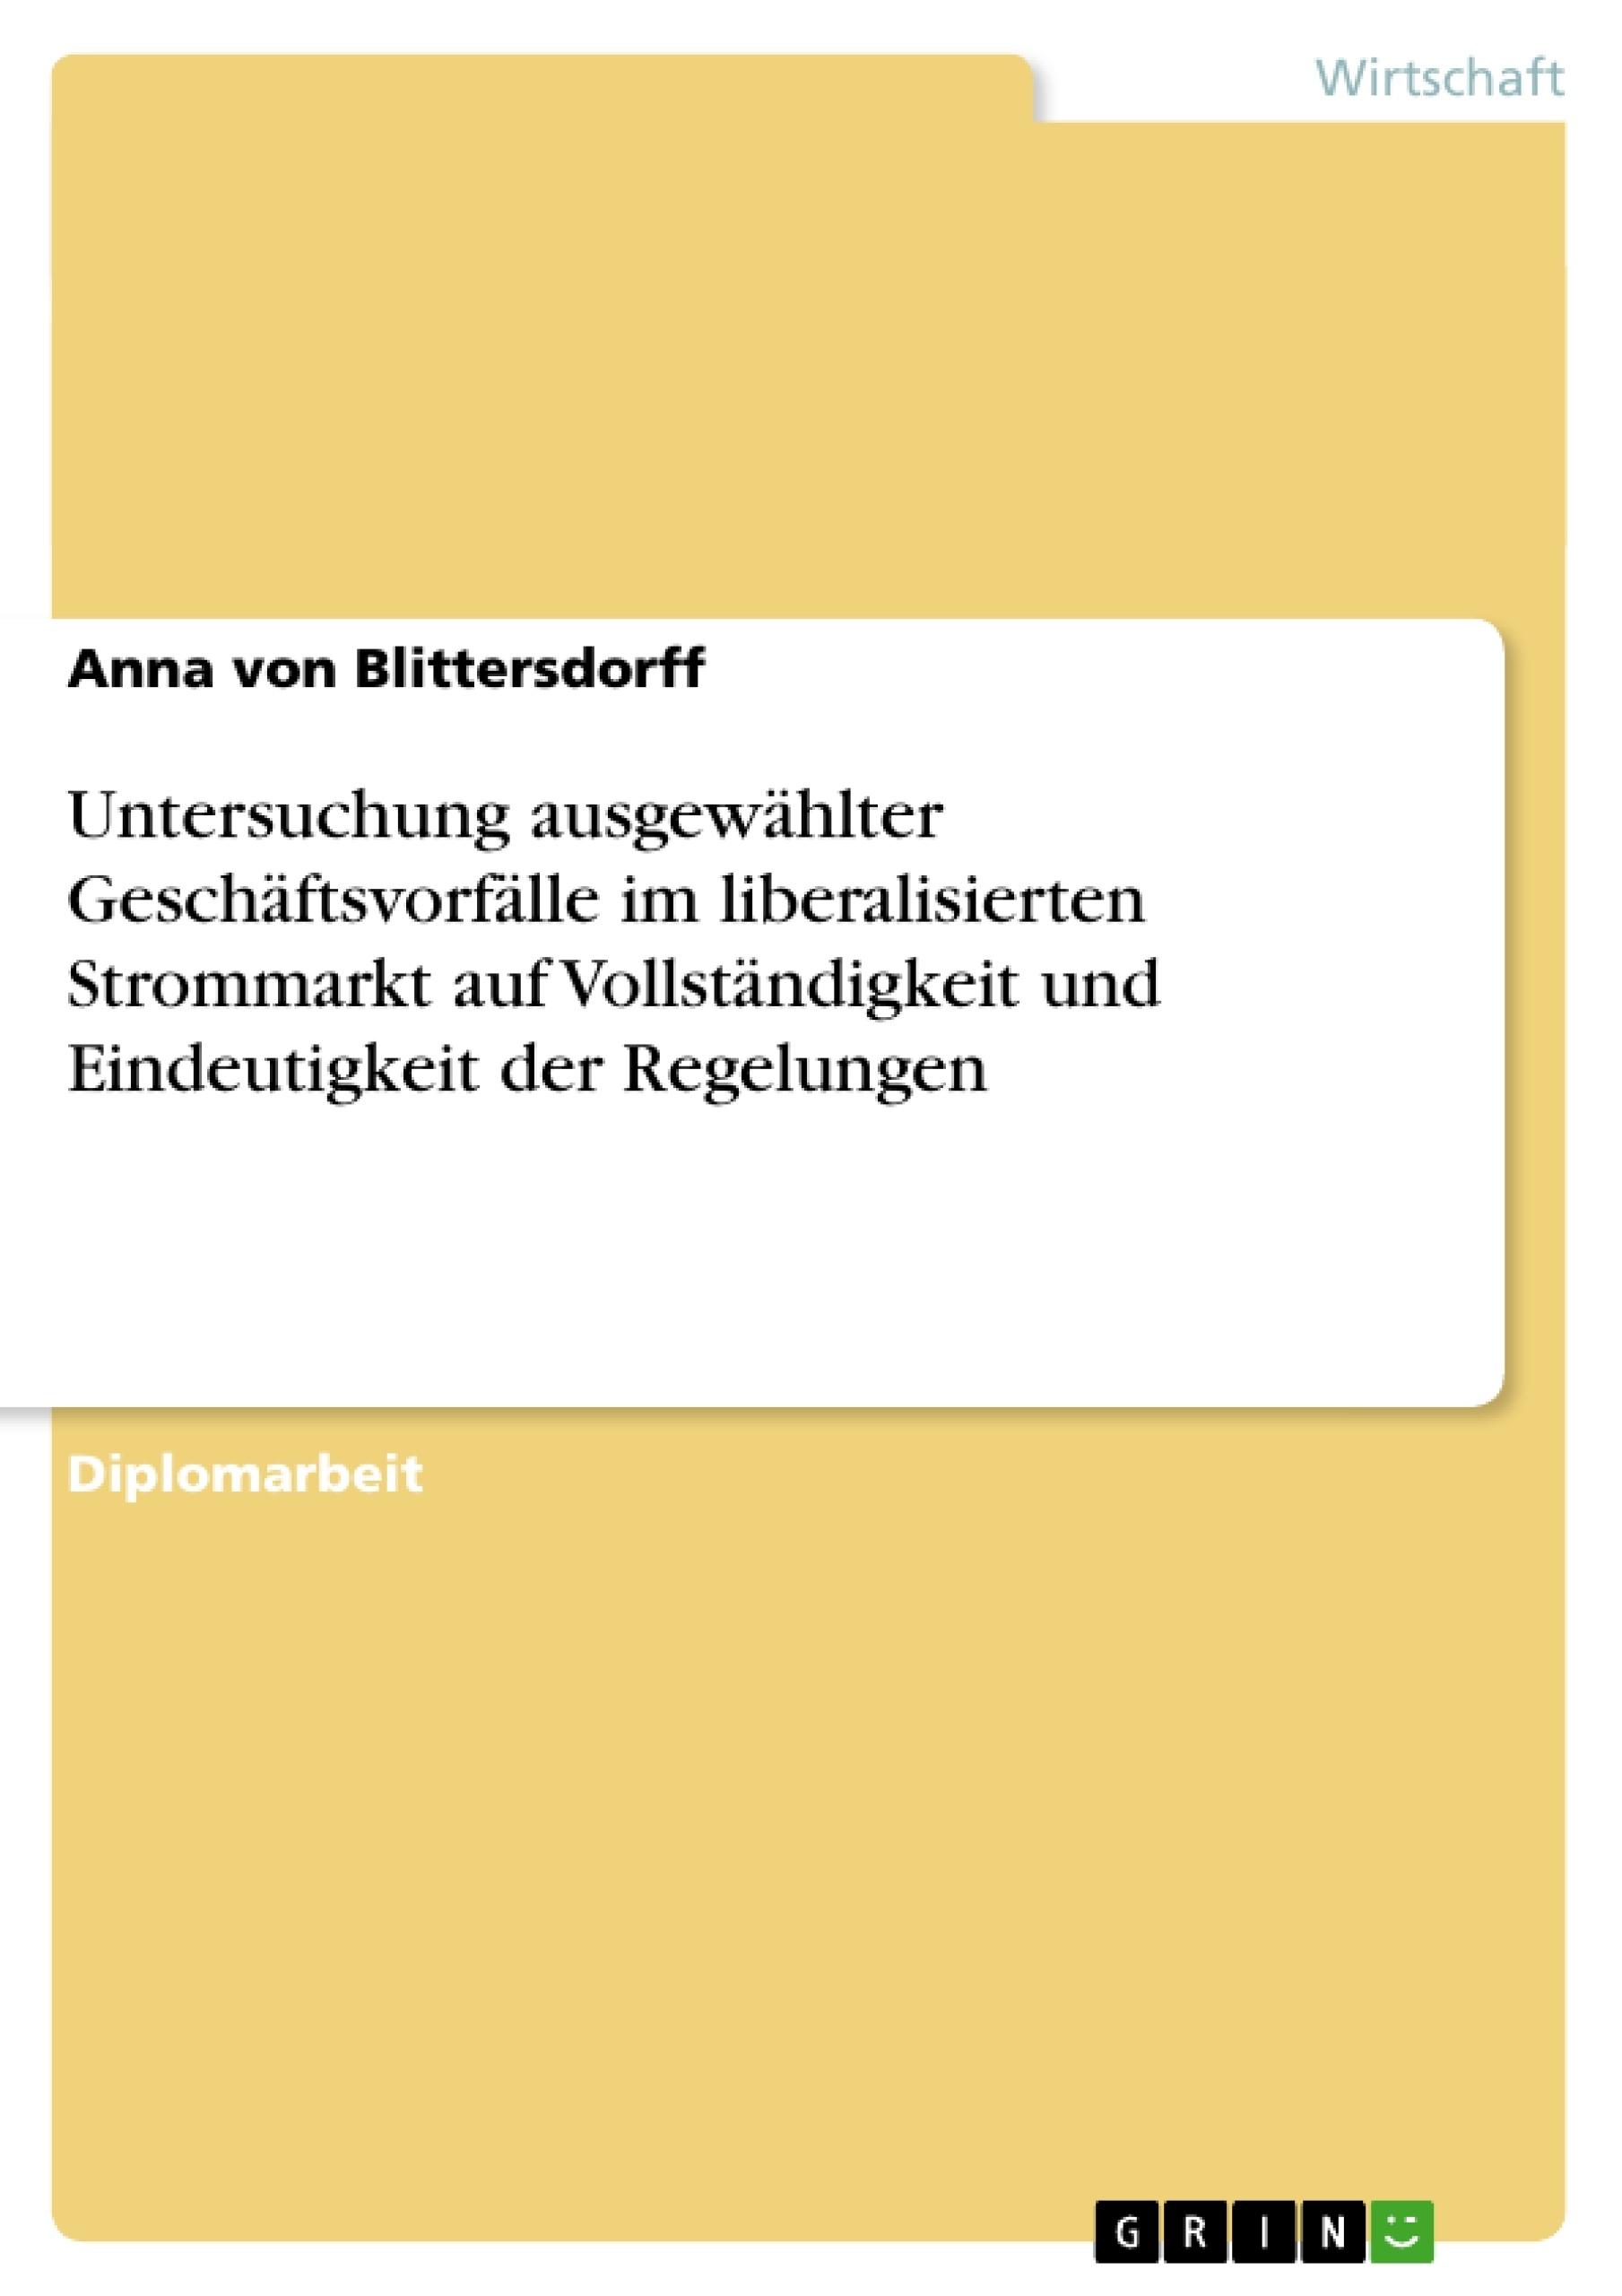 Titel: Untersuchung ausgewählter Geschäftsvorfälle im liberalisierten Strommarkt auf Vollständigkeit und Eindeutigkeit der Regelungen